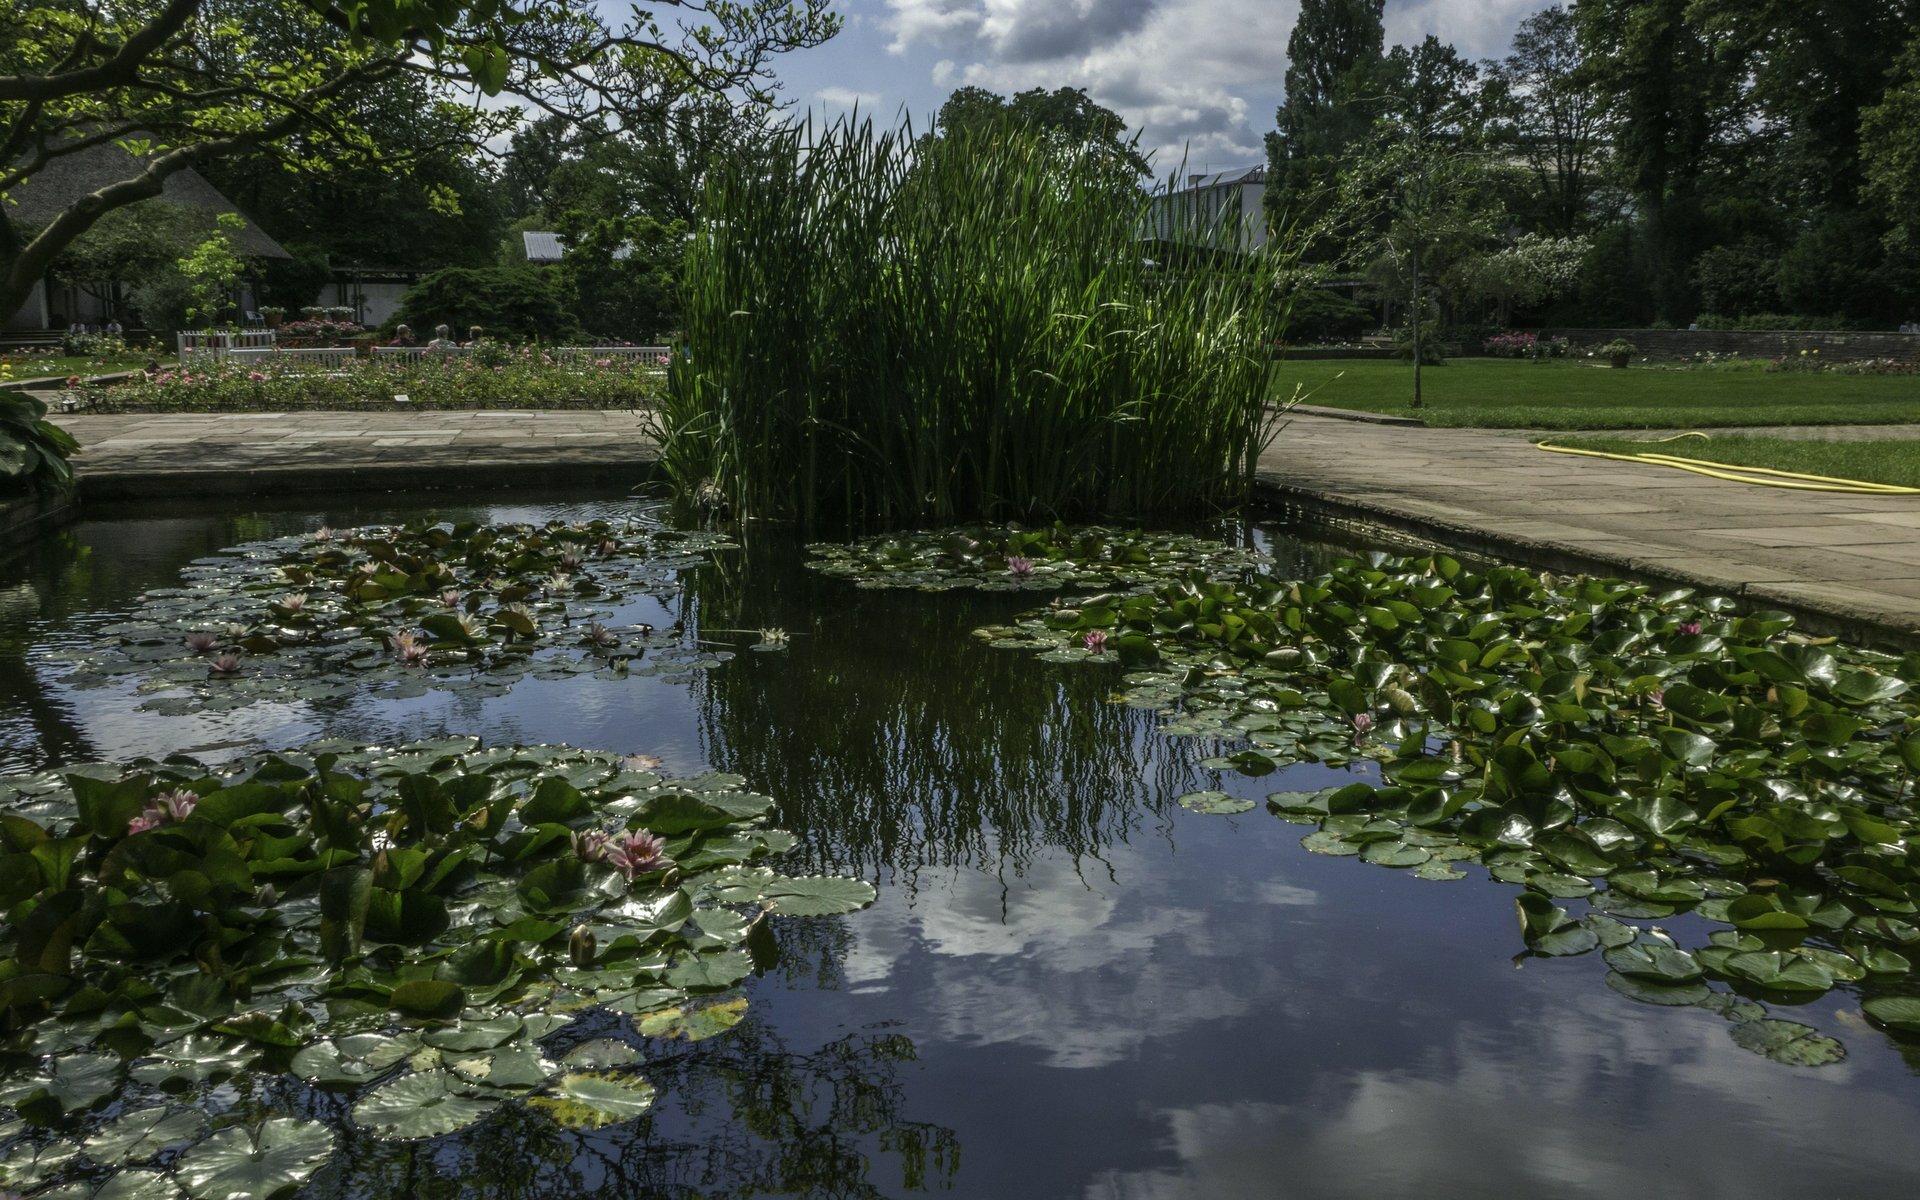 Teich beim Rosengarten im Stadtpark